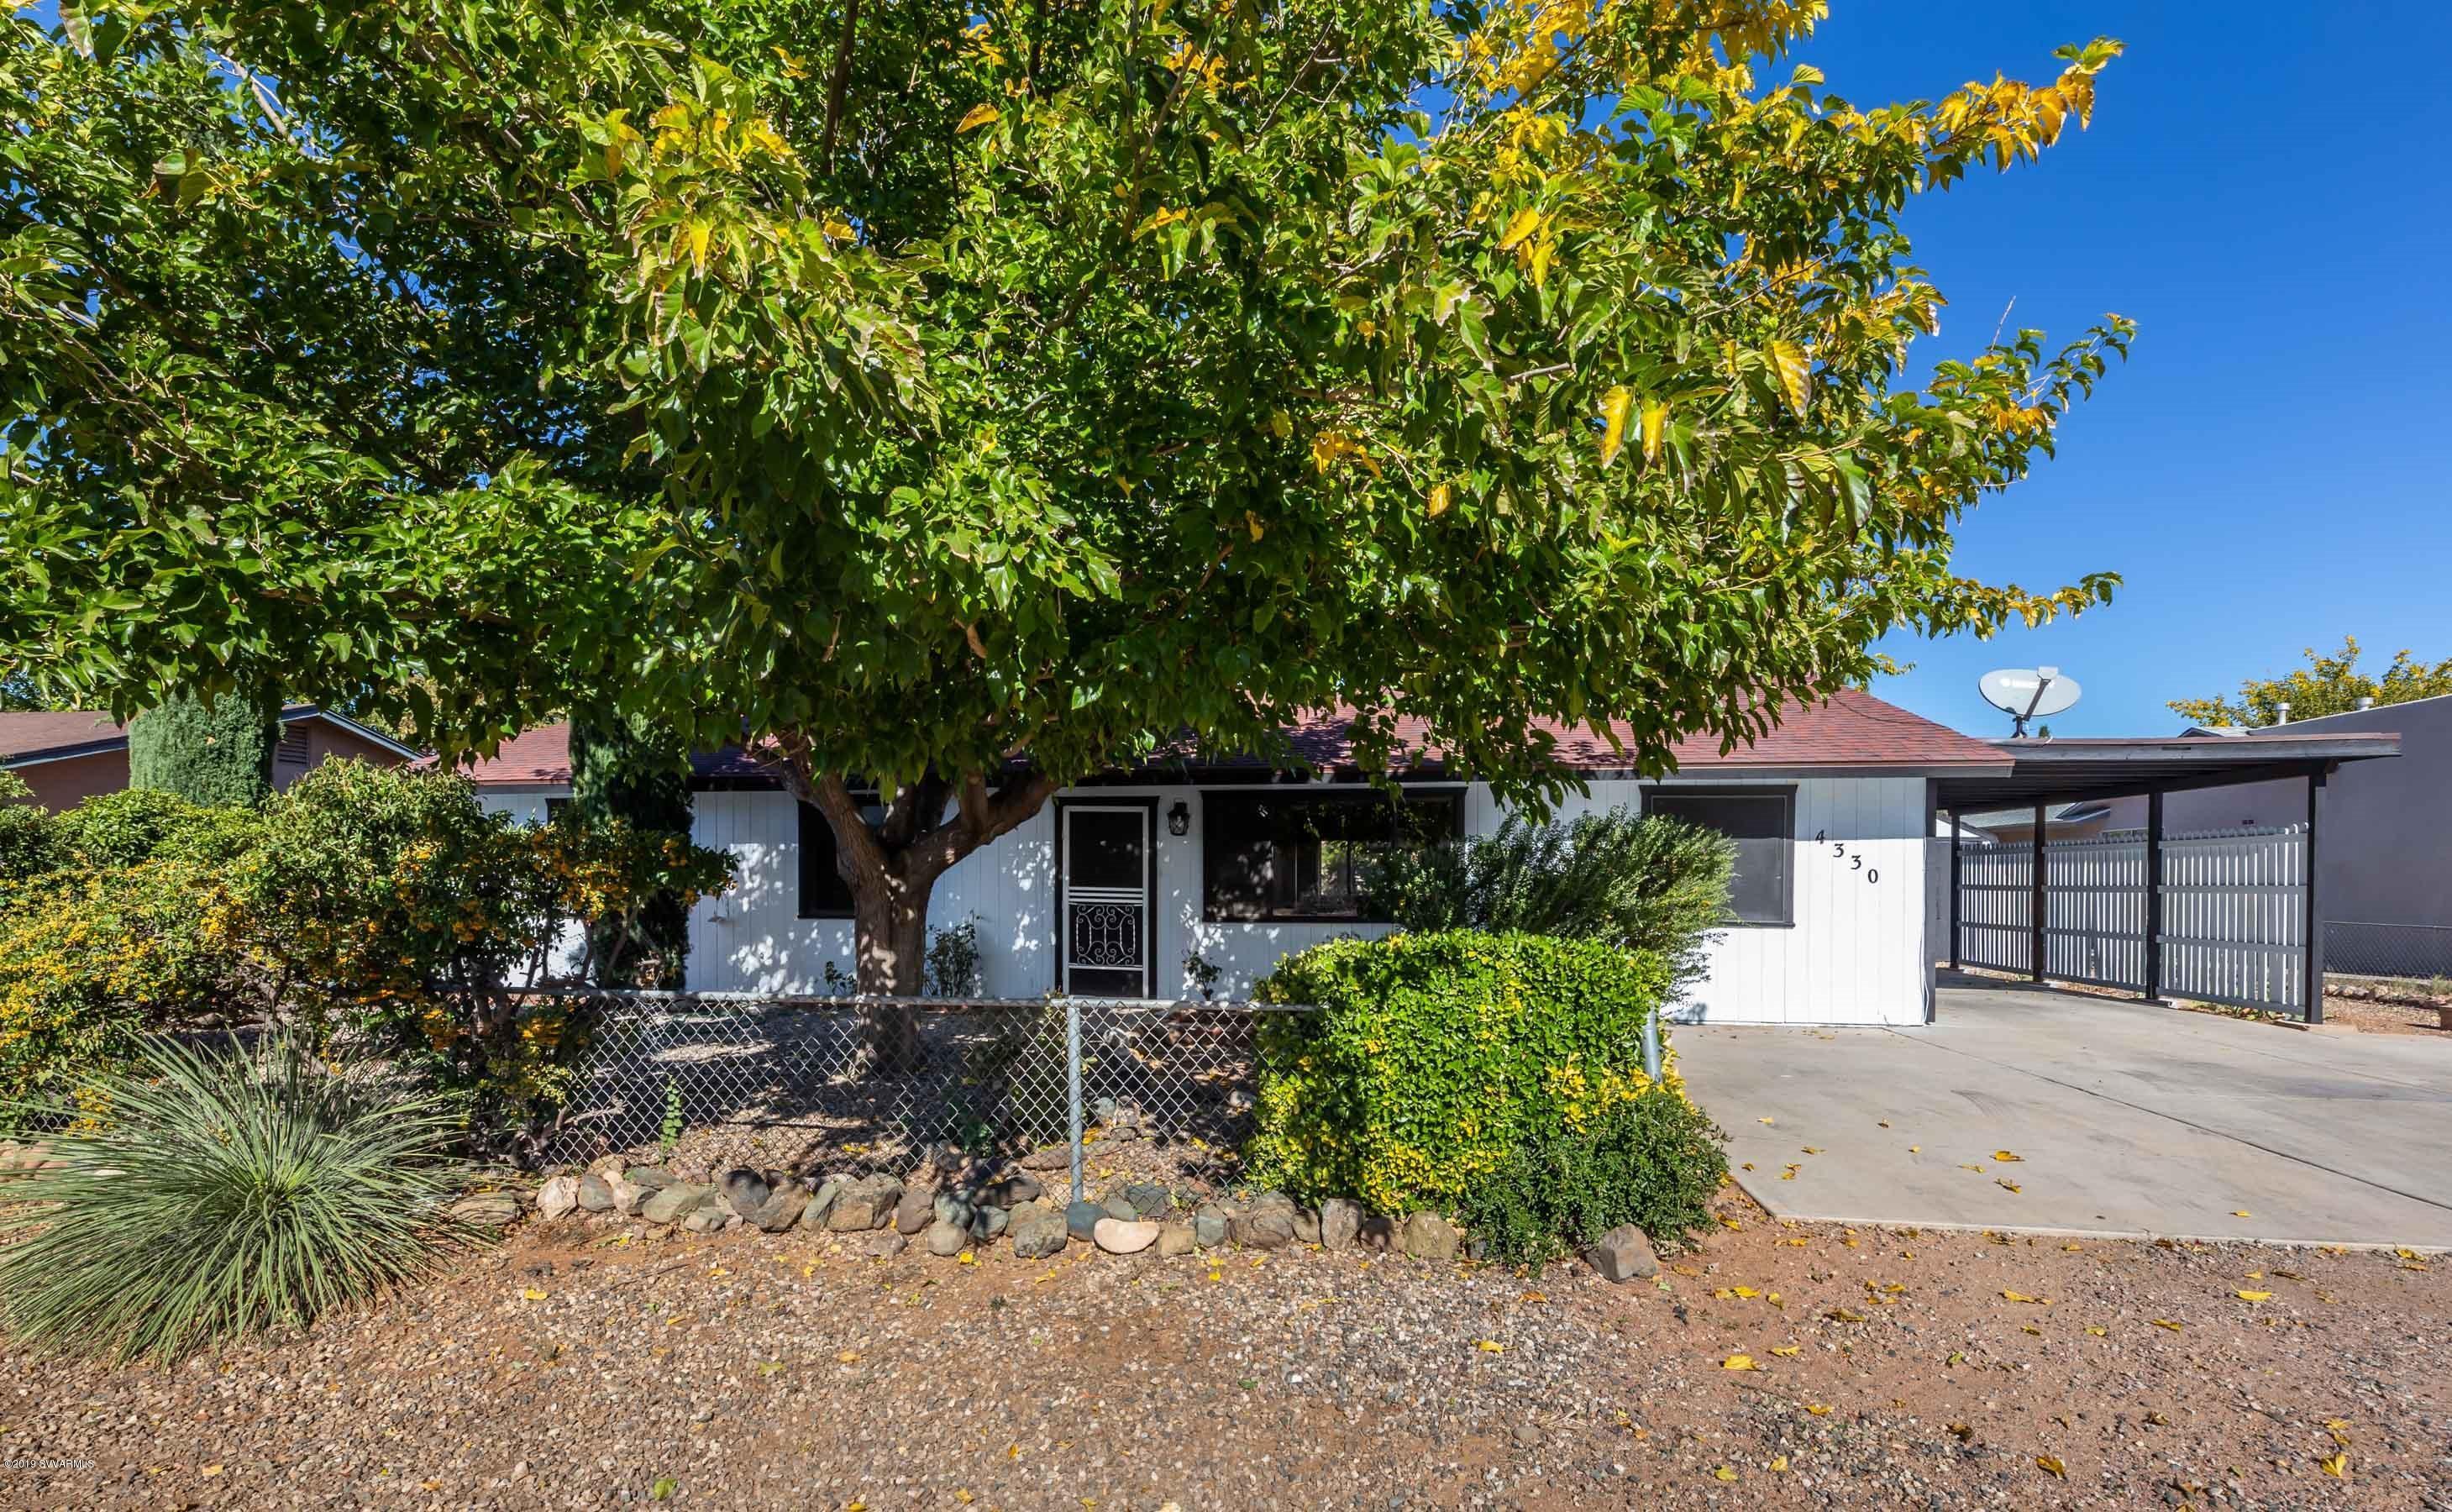 4330 Silver Leaf Tr Cottonwood, AZ 86326